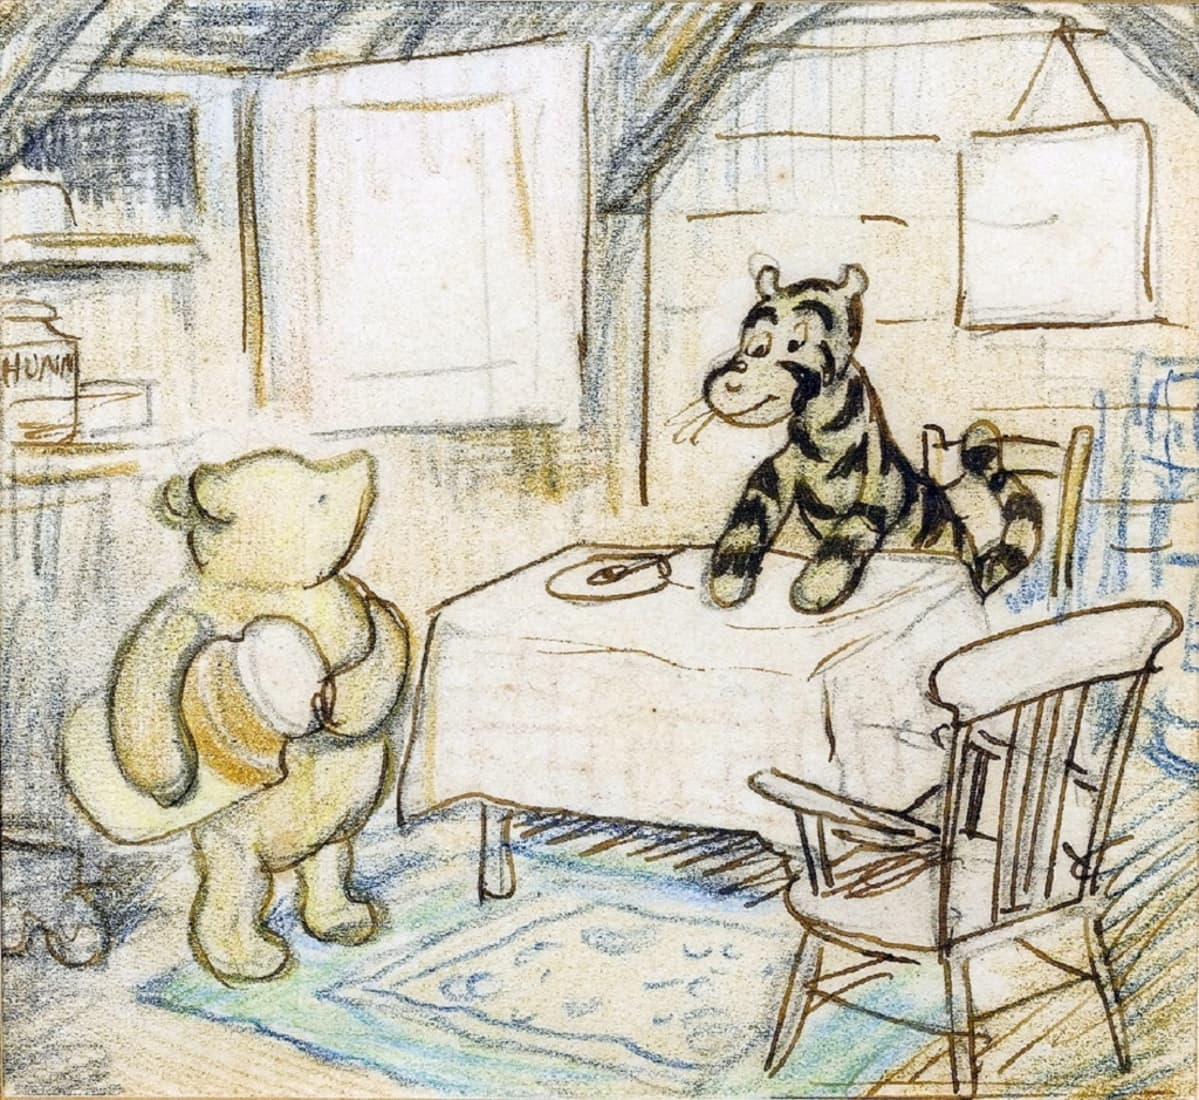 Piirros päydän ääressä istuvasta Tikrusta ja Puhista, joka pitelee kainalossa isoa purkkia.